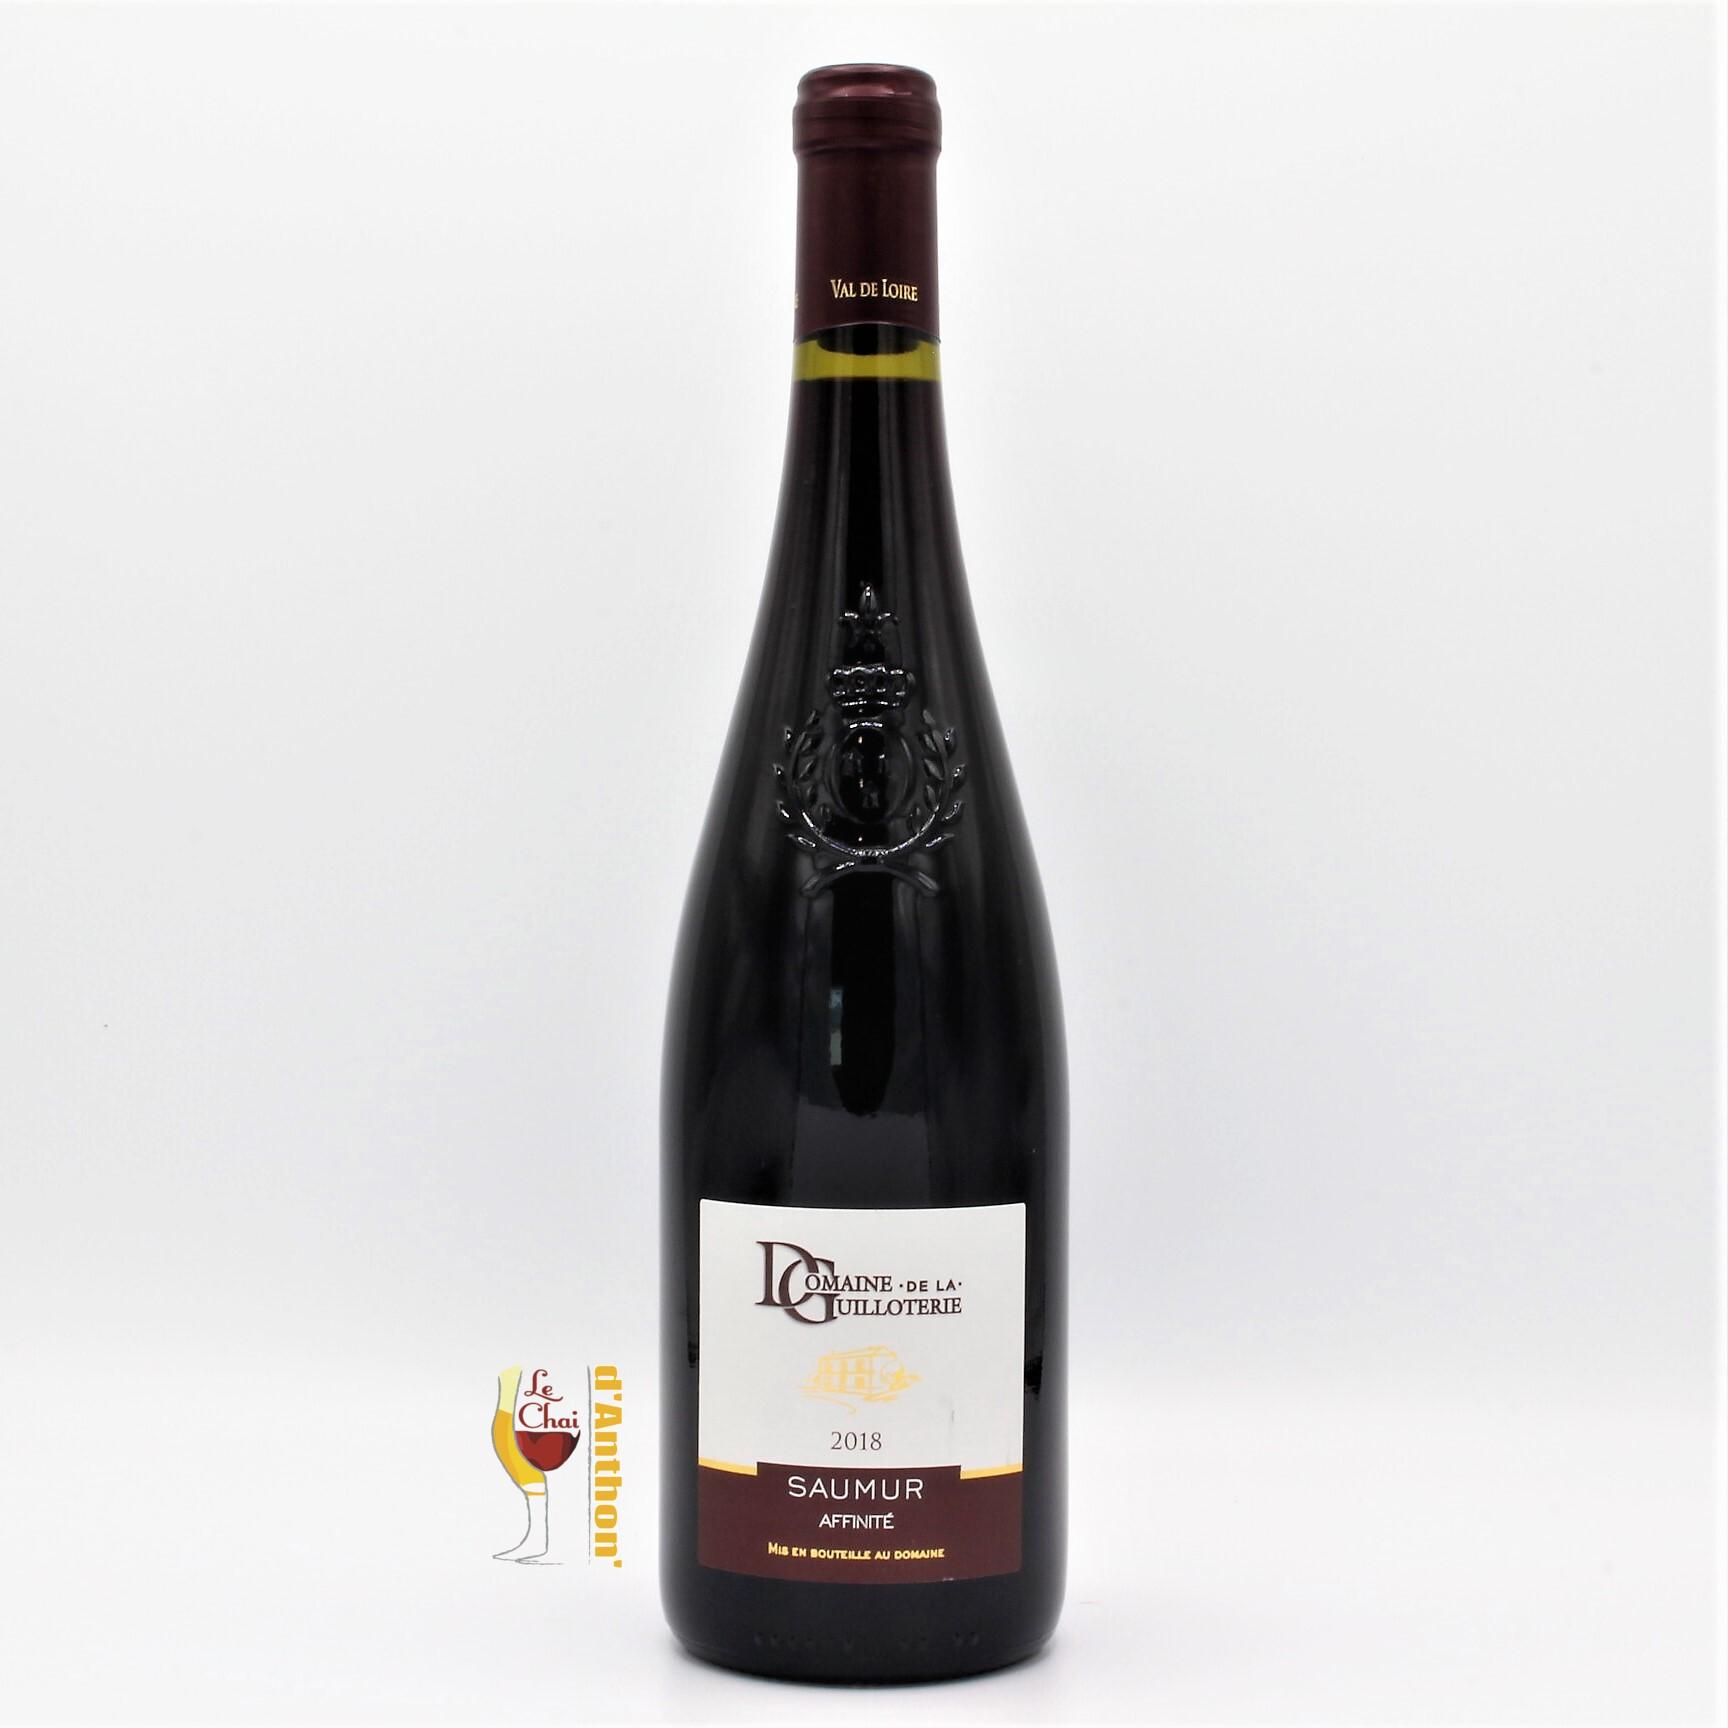 Le Chai D&666.JPG039;Anthon Vin Bouteille Rouge Loire Saumur Affinite Guilloterie 75cl 666